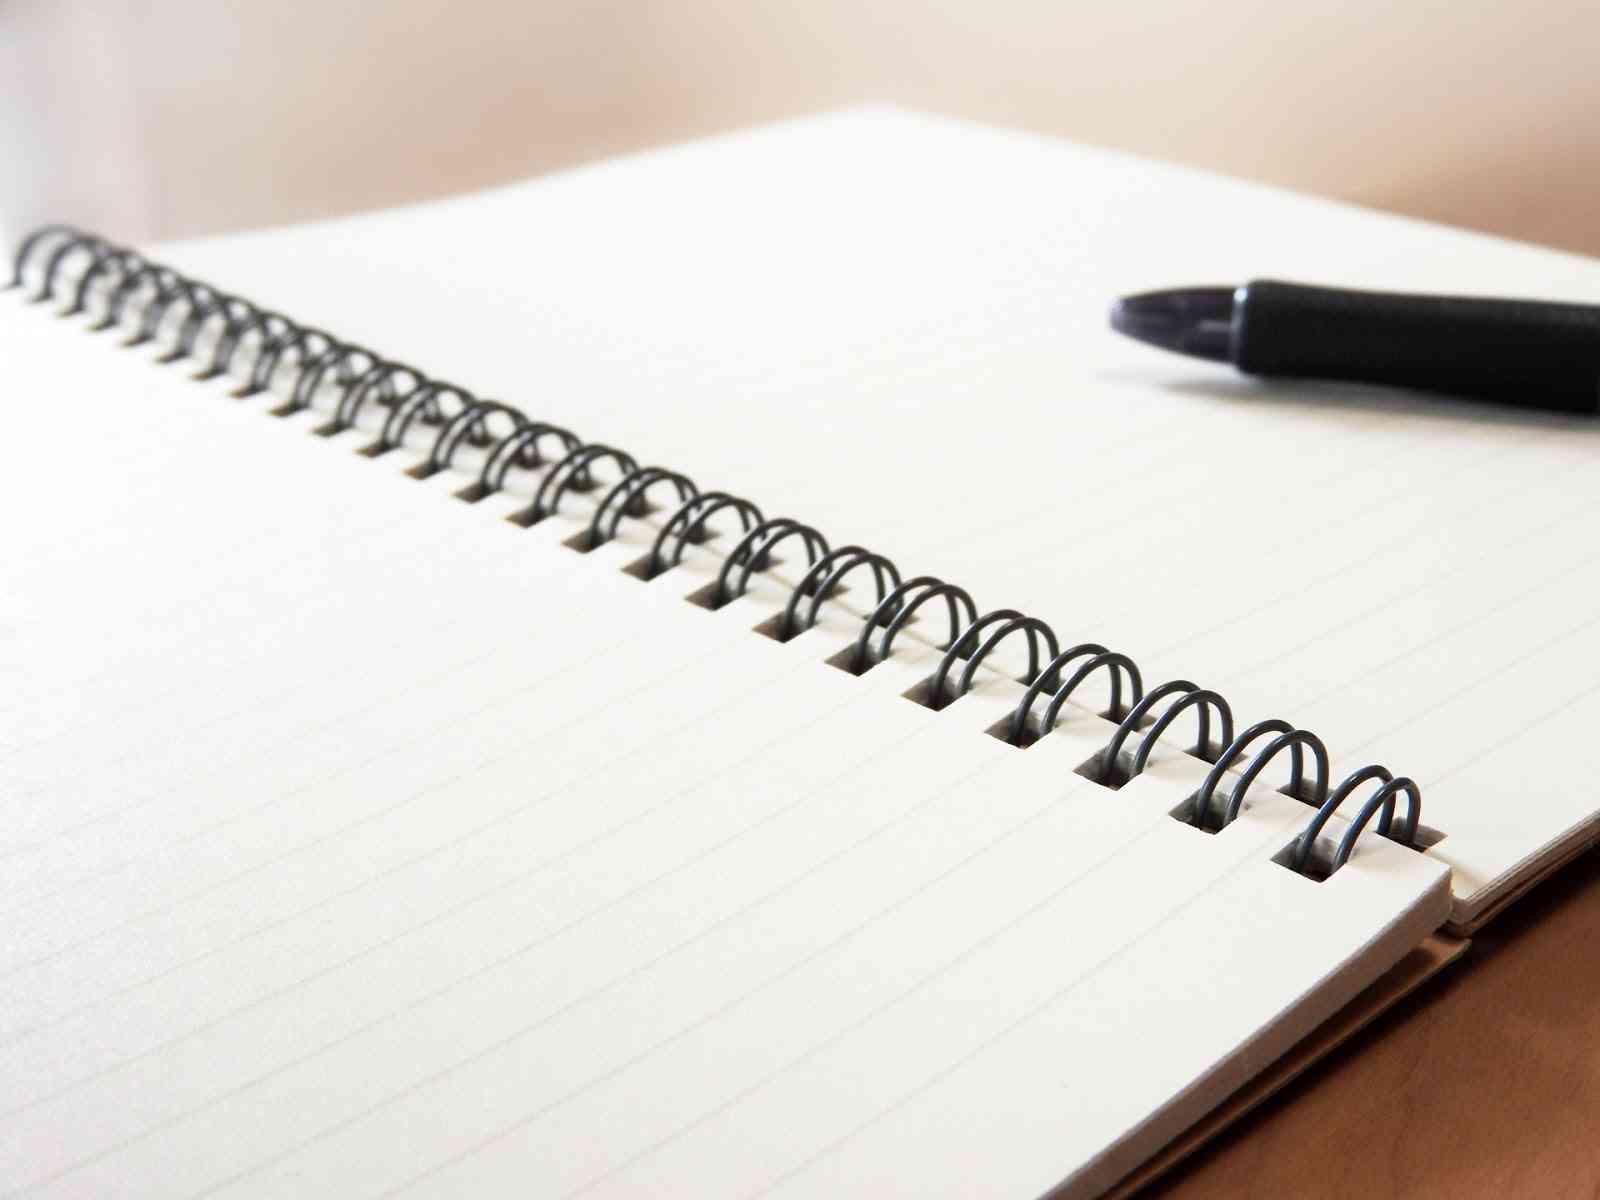 女子高生の間でインスタ「手書きツイート」という新たな潮流 ツイッターの文化がインスタで独自の進化?